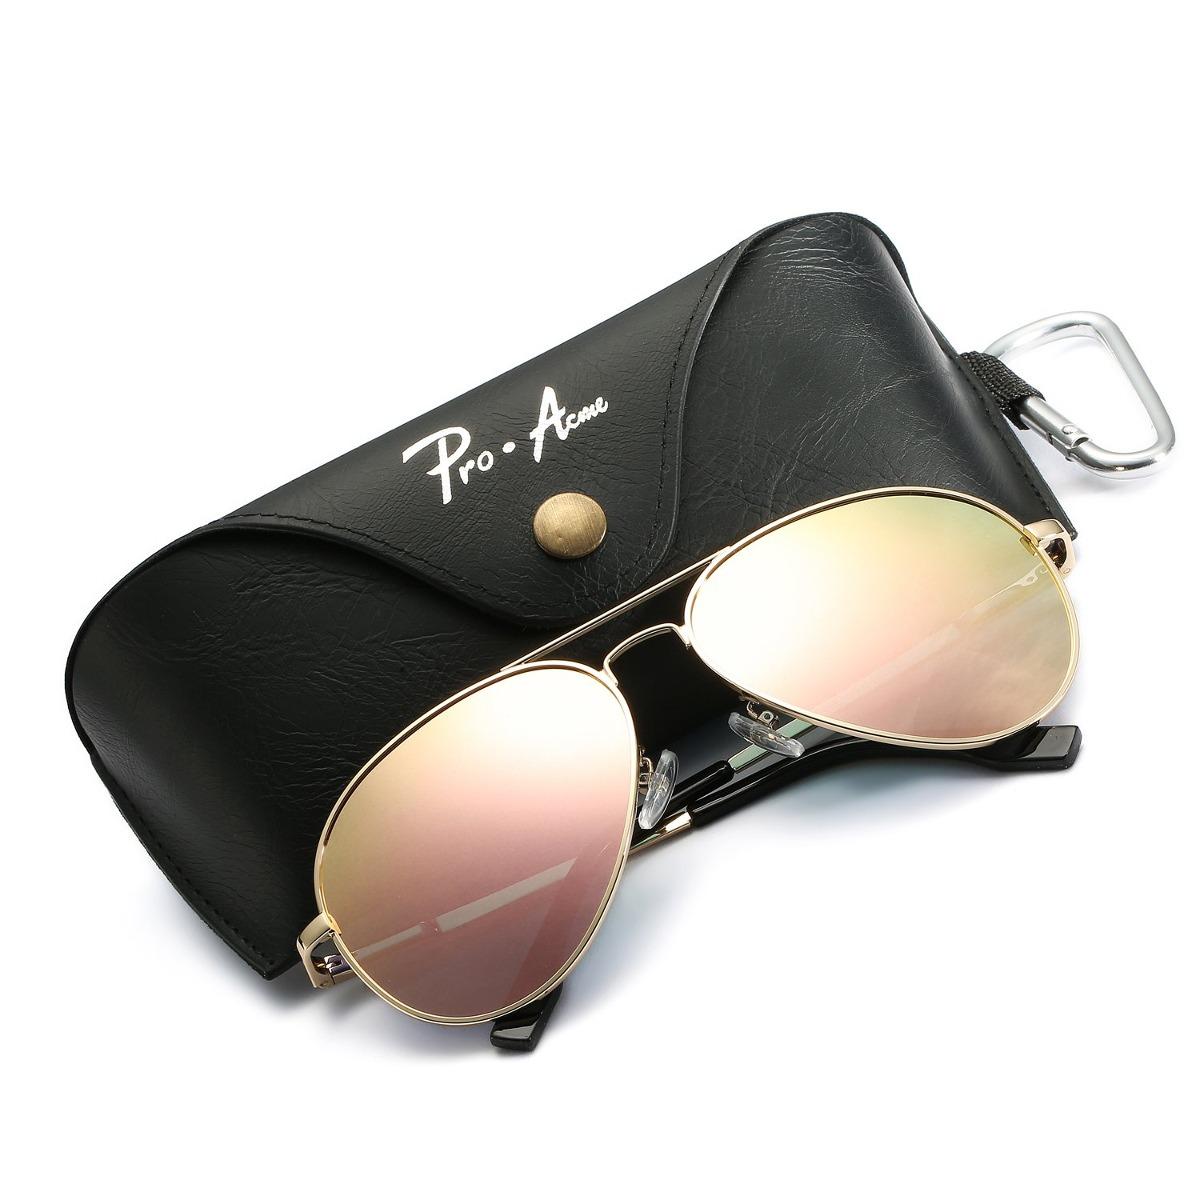 b7e4e5a382a gafas de sol estilo aviador para hombre con lentes polari. Cargando zoom.